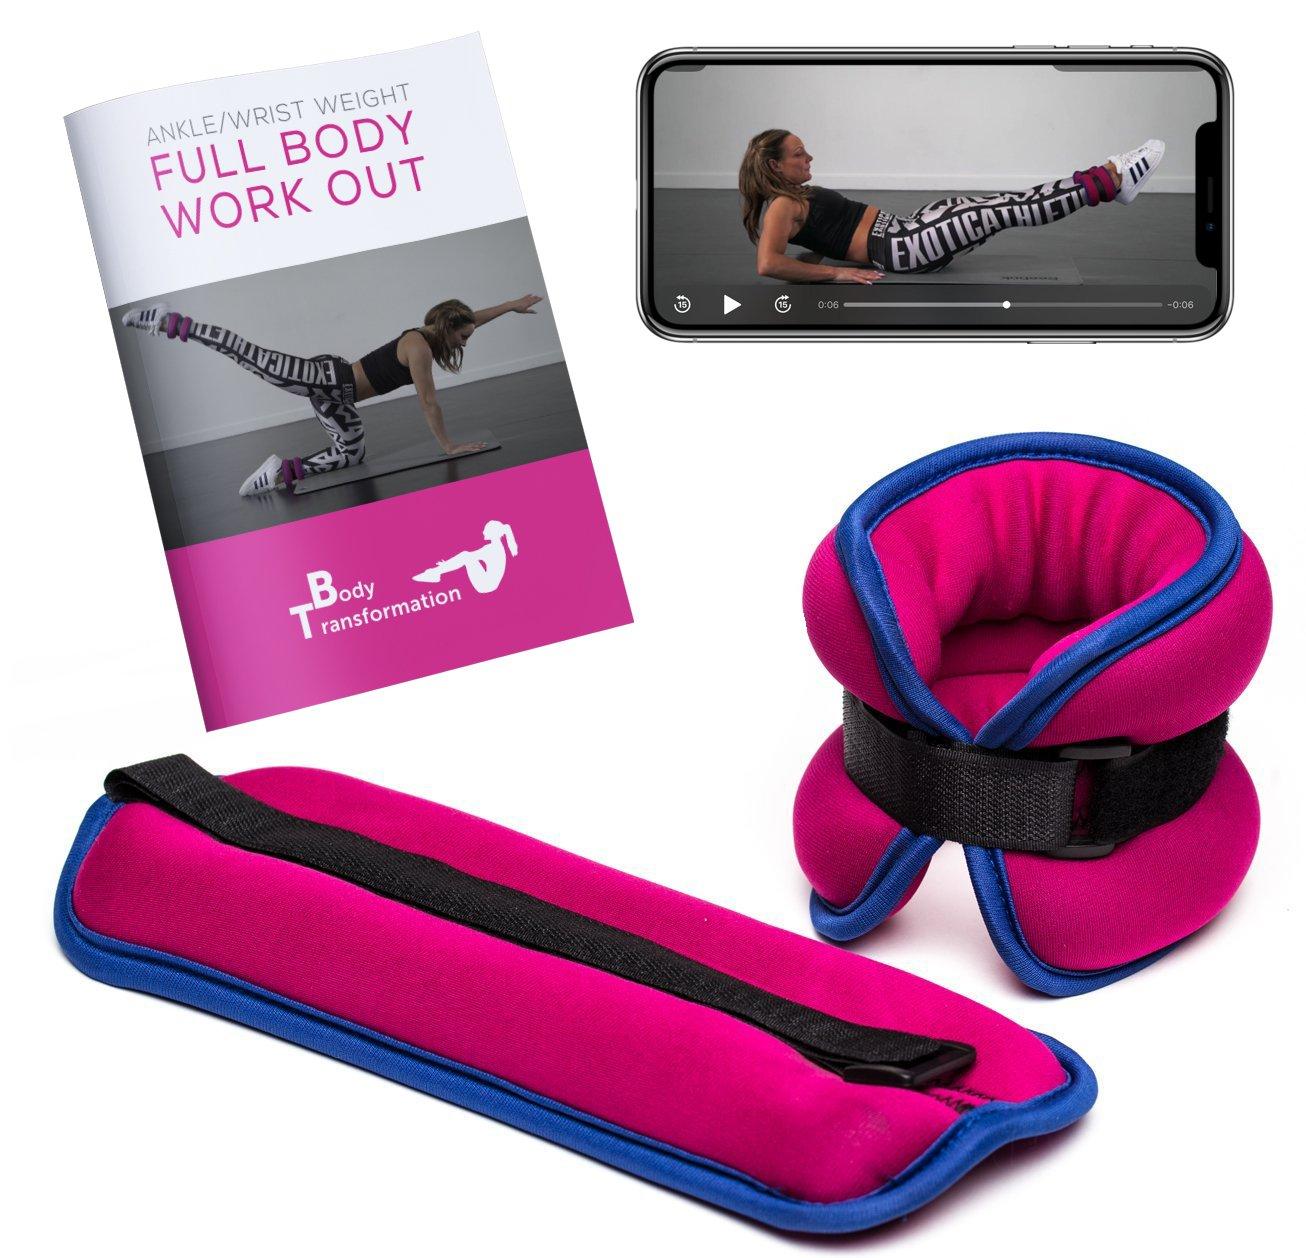 Pesas de tobillo o muñeca 1 kg cada una + Aplicación de fitness + e-book en español HEALTH INTERVENTIONS LIMITED